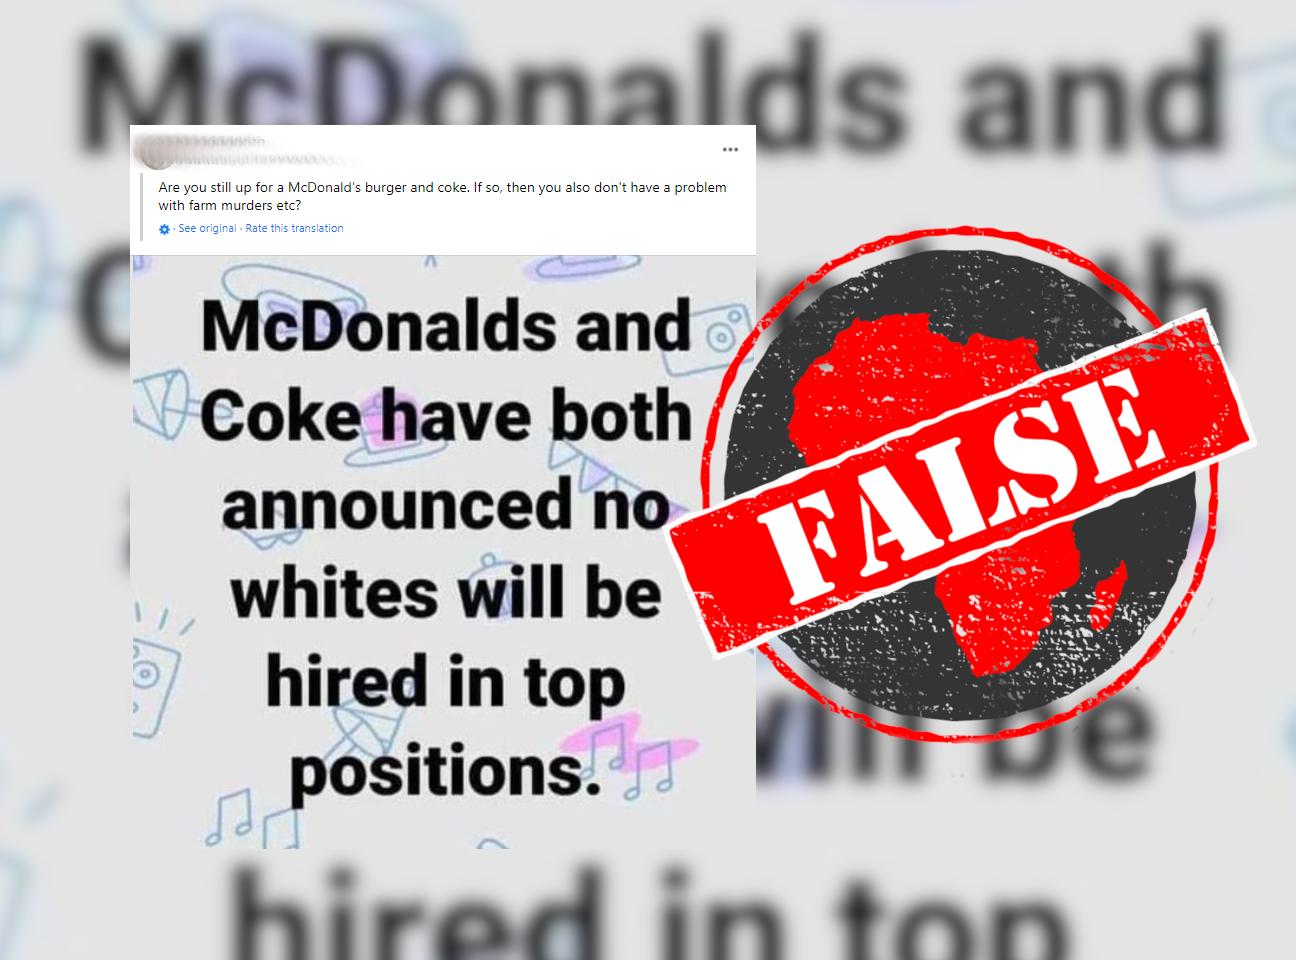 Mcdonalds&coke_False